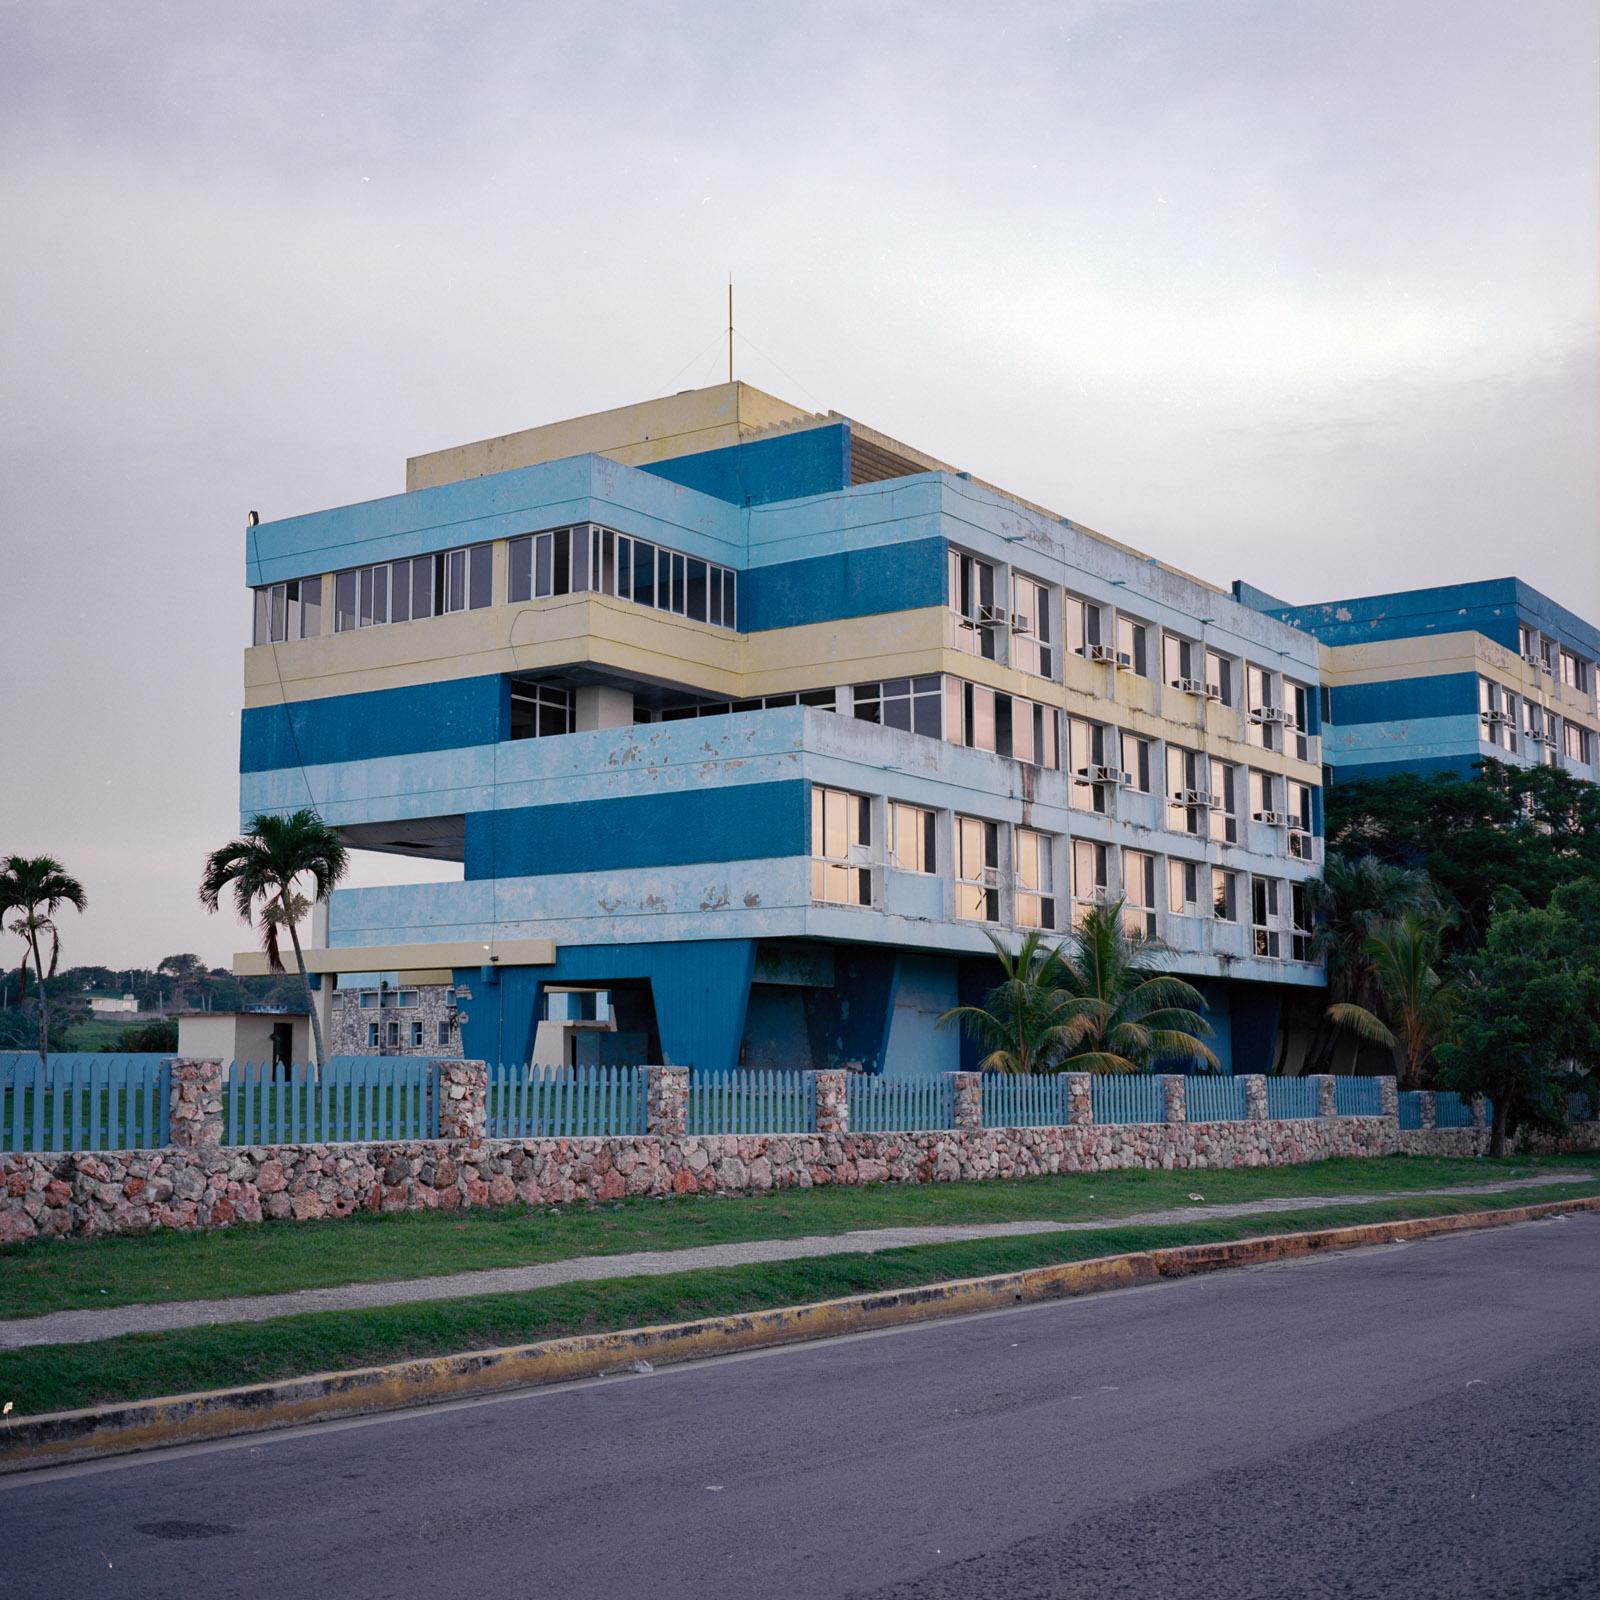 0001-cuba-travelphotography-28-Cuba-Ektar-100-8.jpg